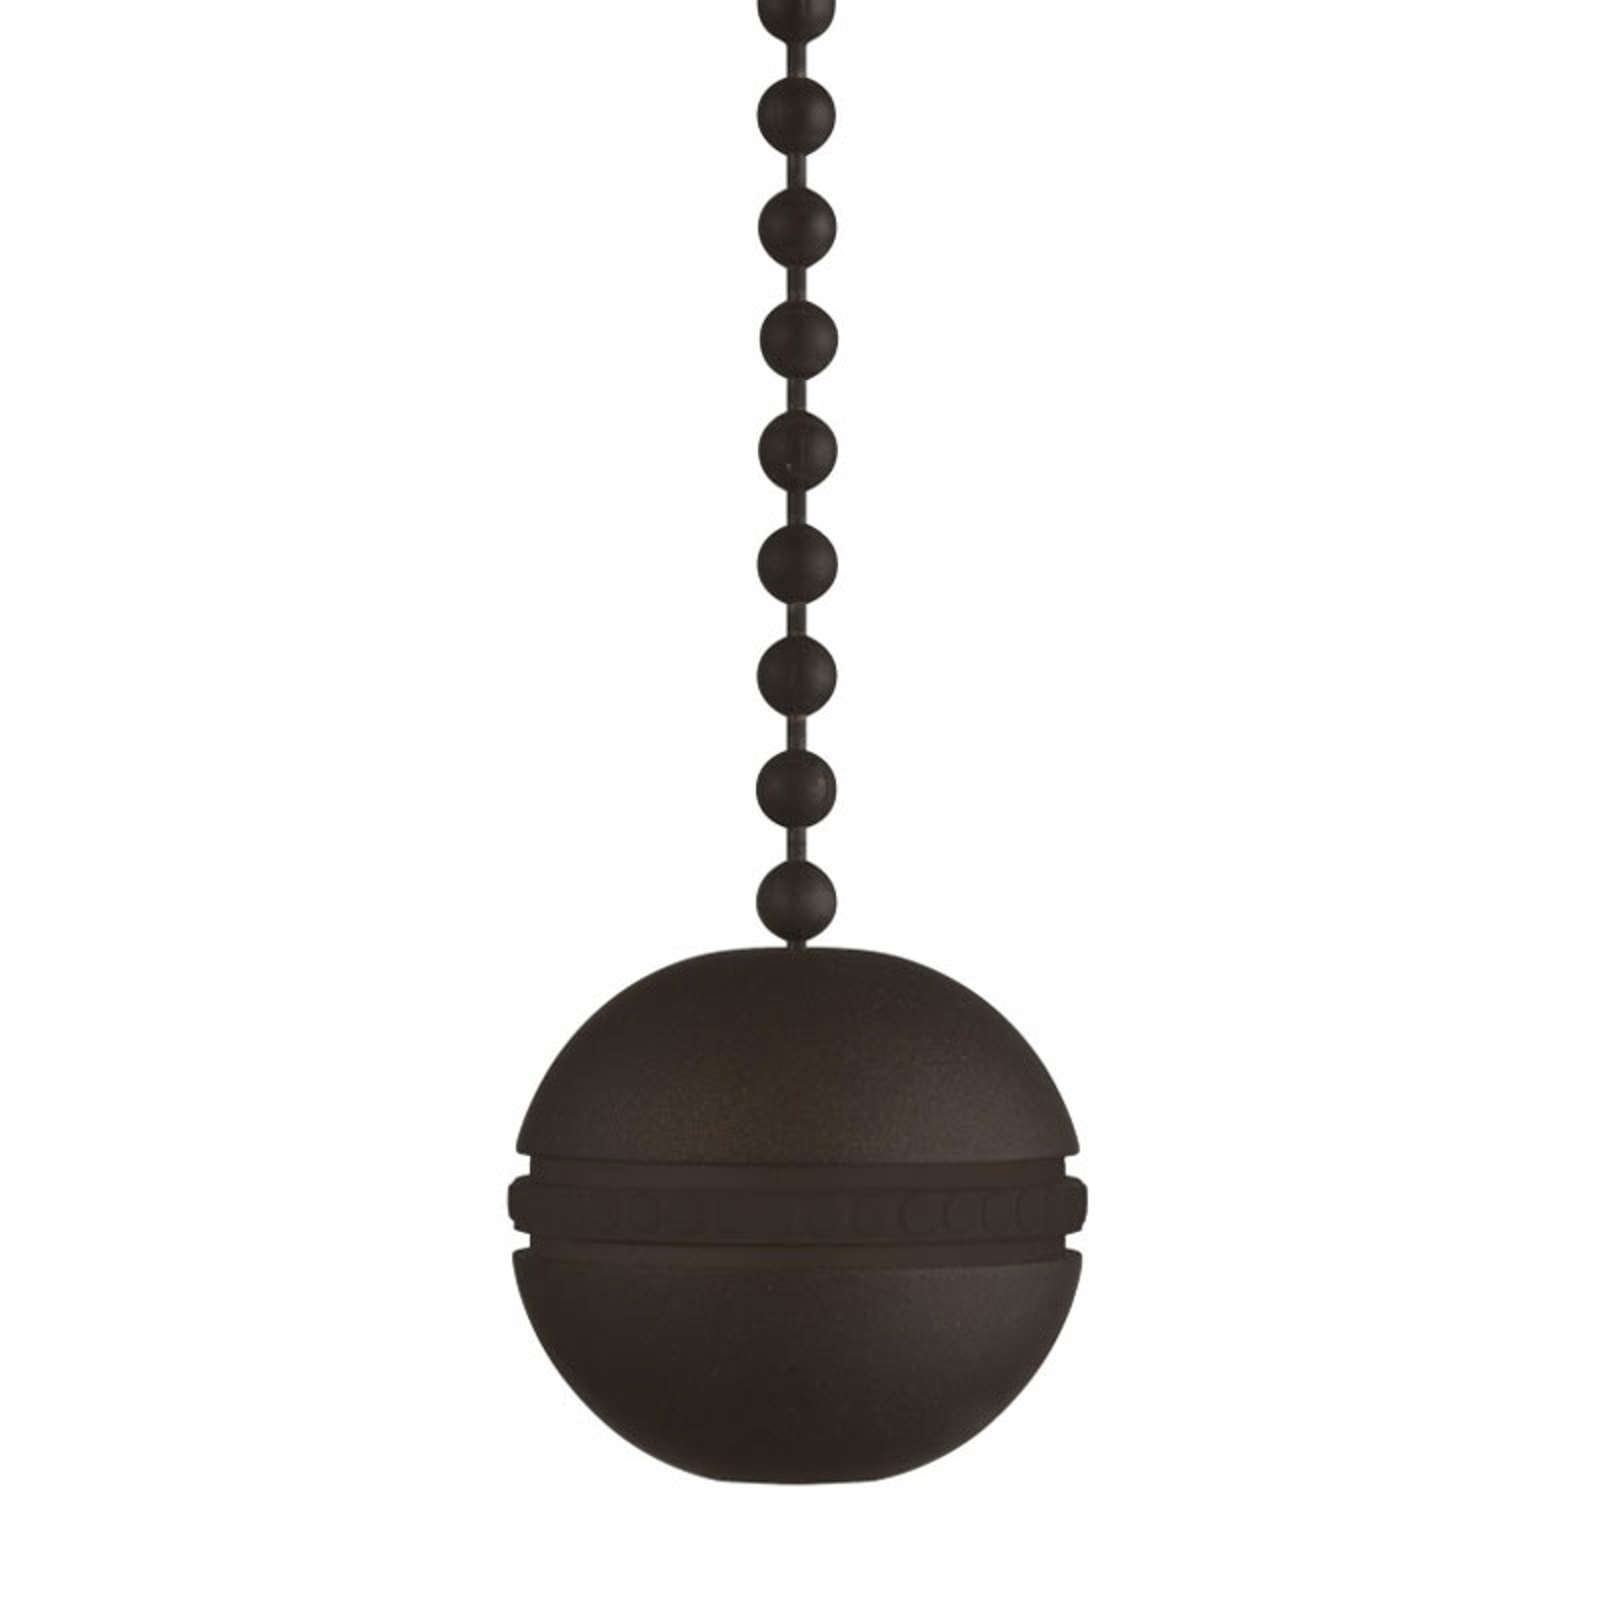 Westinghouse Kugel Zugkette f. Ventilator bronze